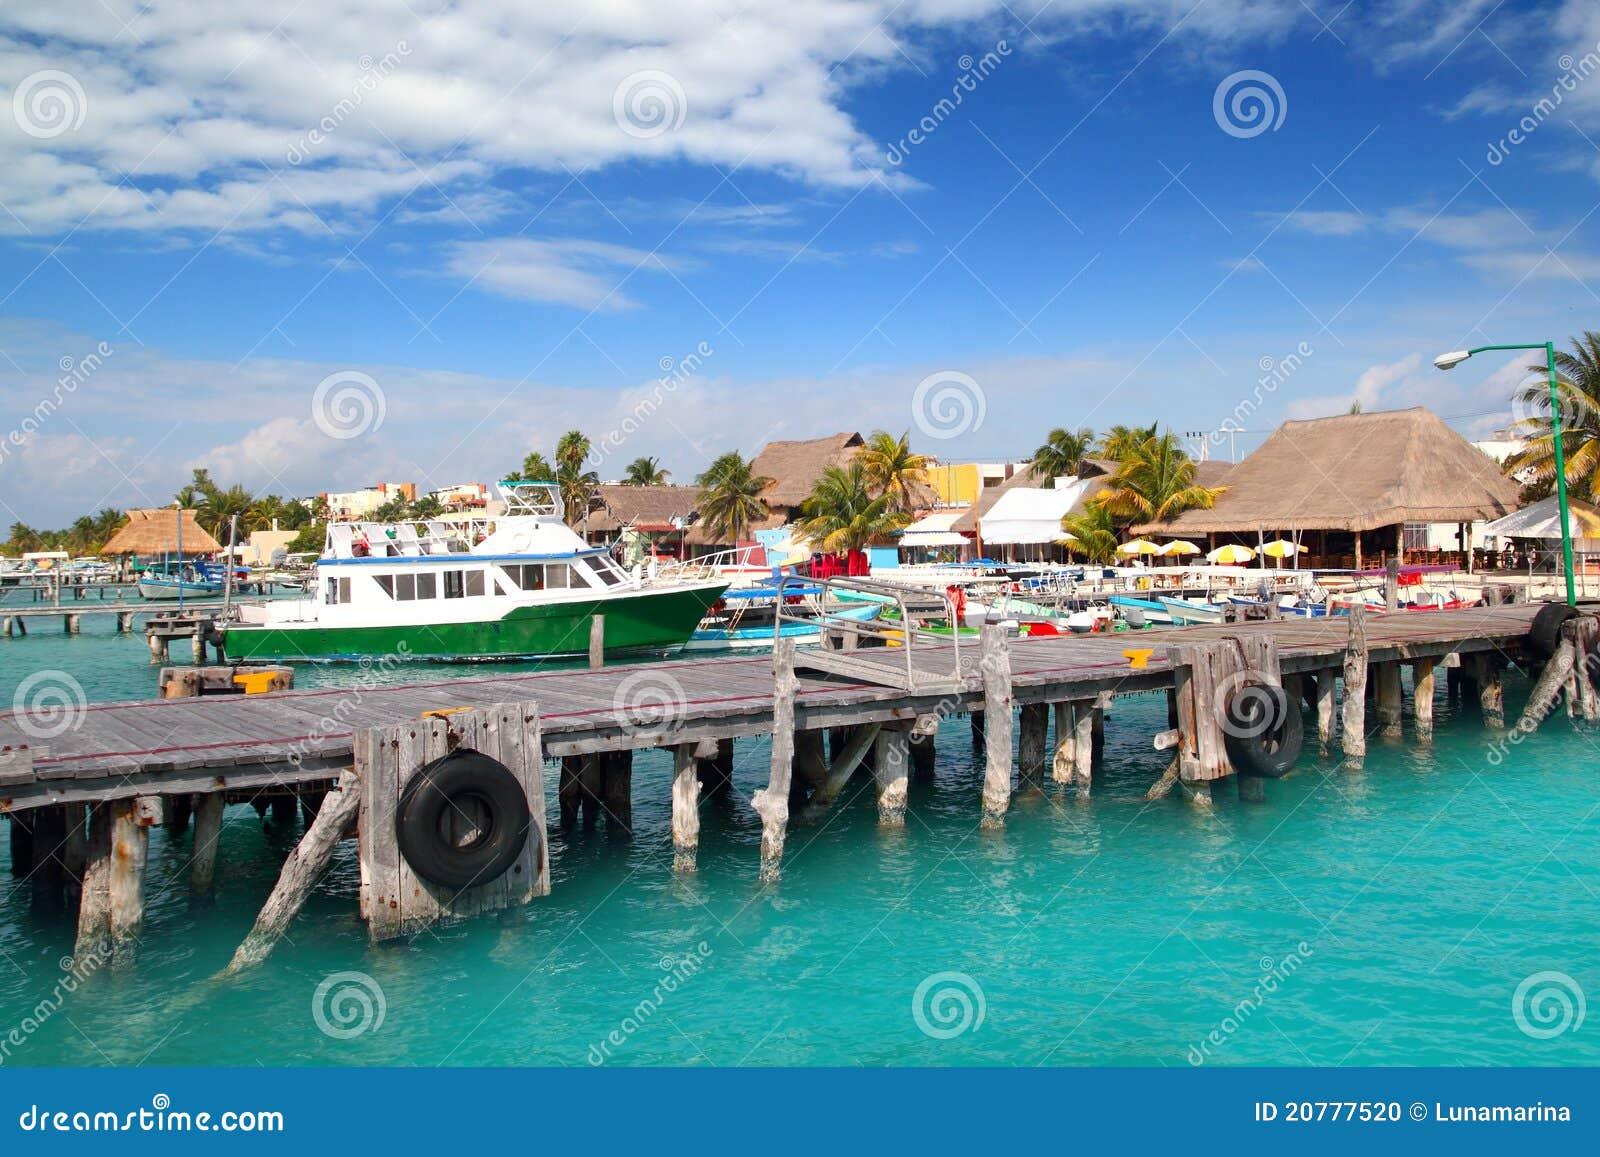 puerto juarez hindu singles Inspírate para decidir cuál será tu próximo destino, planifica tu viaje, los rincones por descubrir y comparte con otros viajeros tu experiencia.